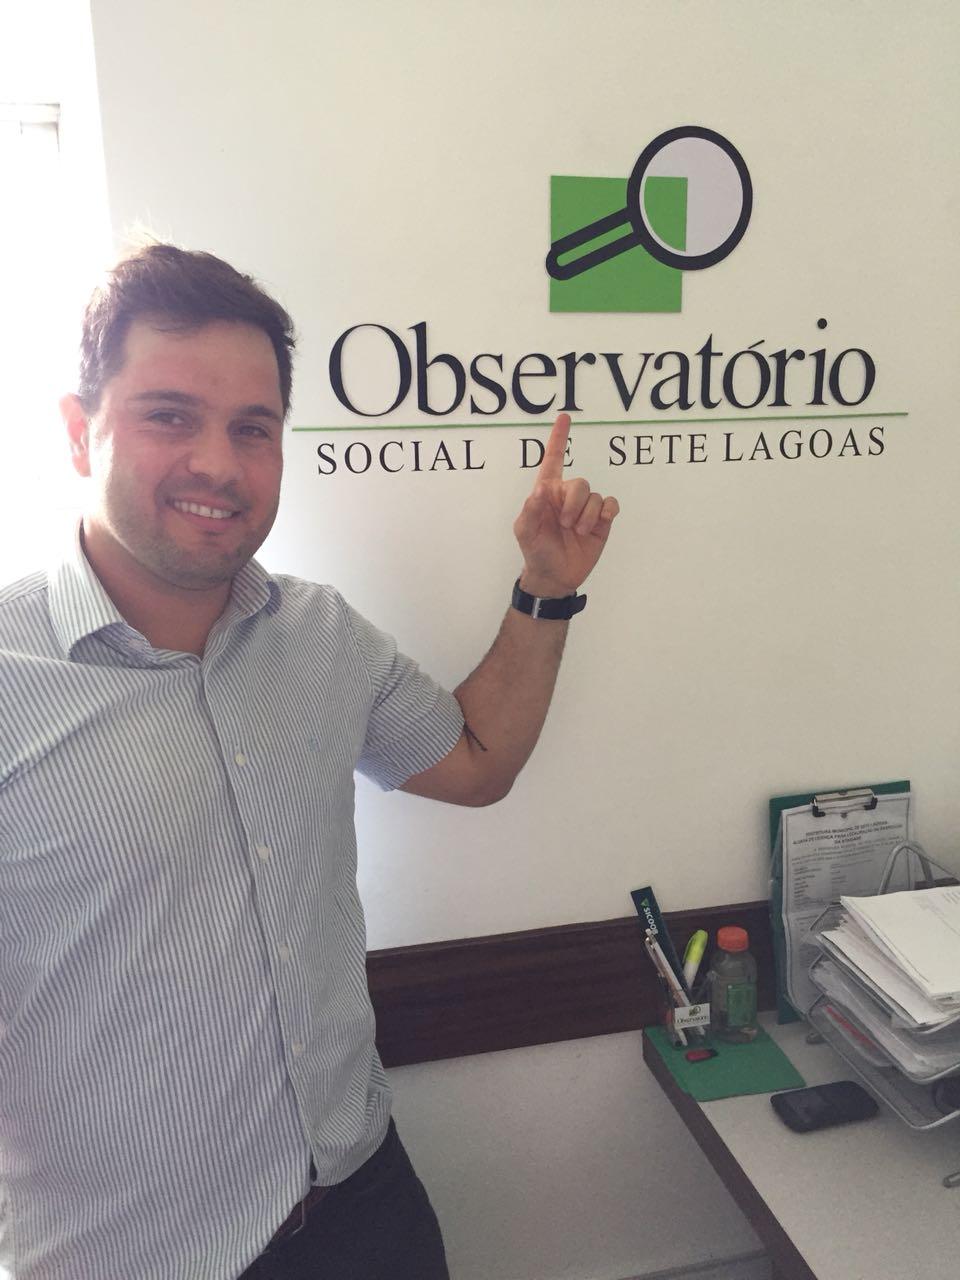 Observatório Social de Sete Lagoas